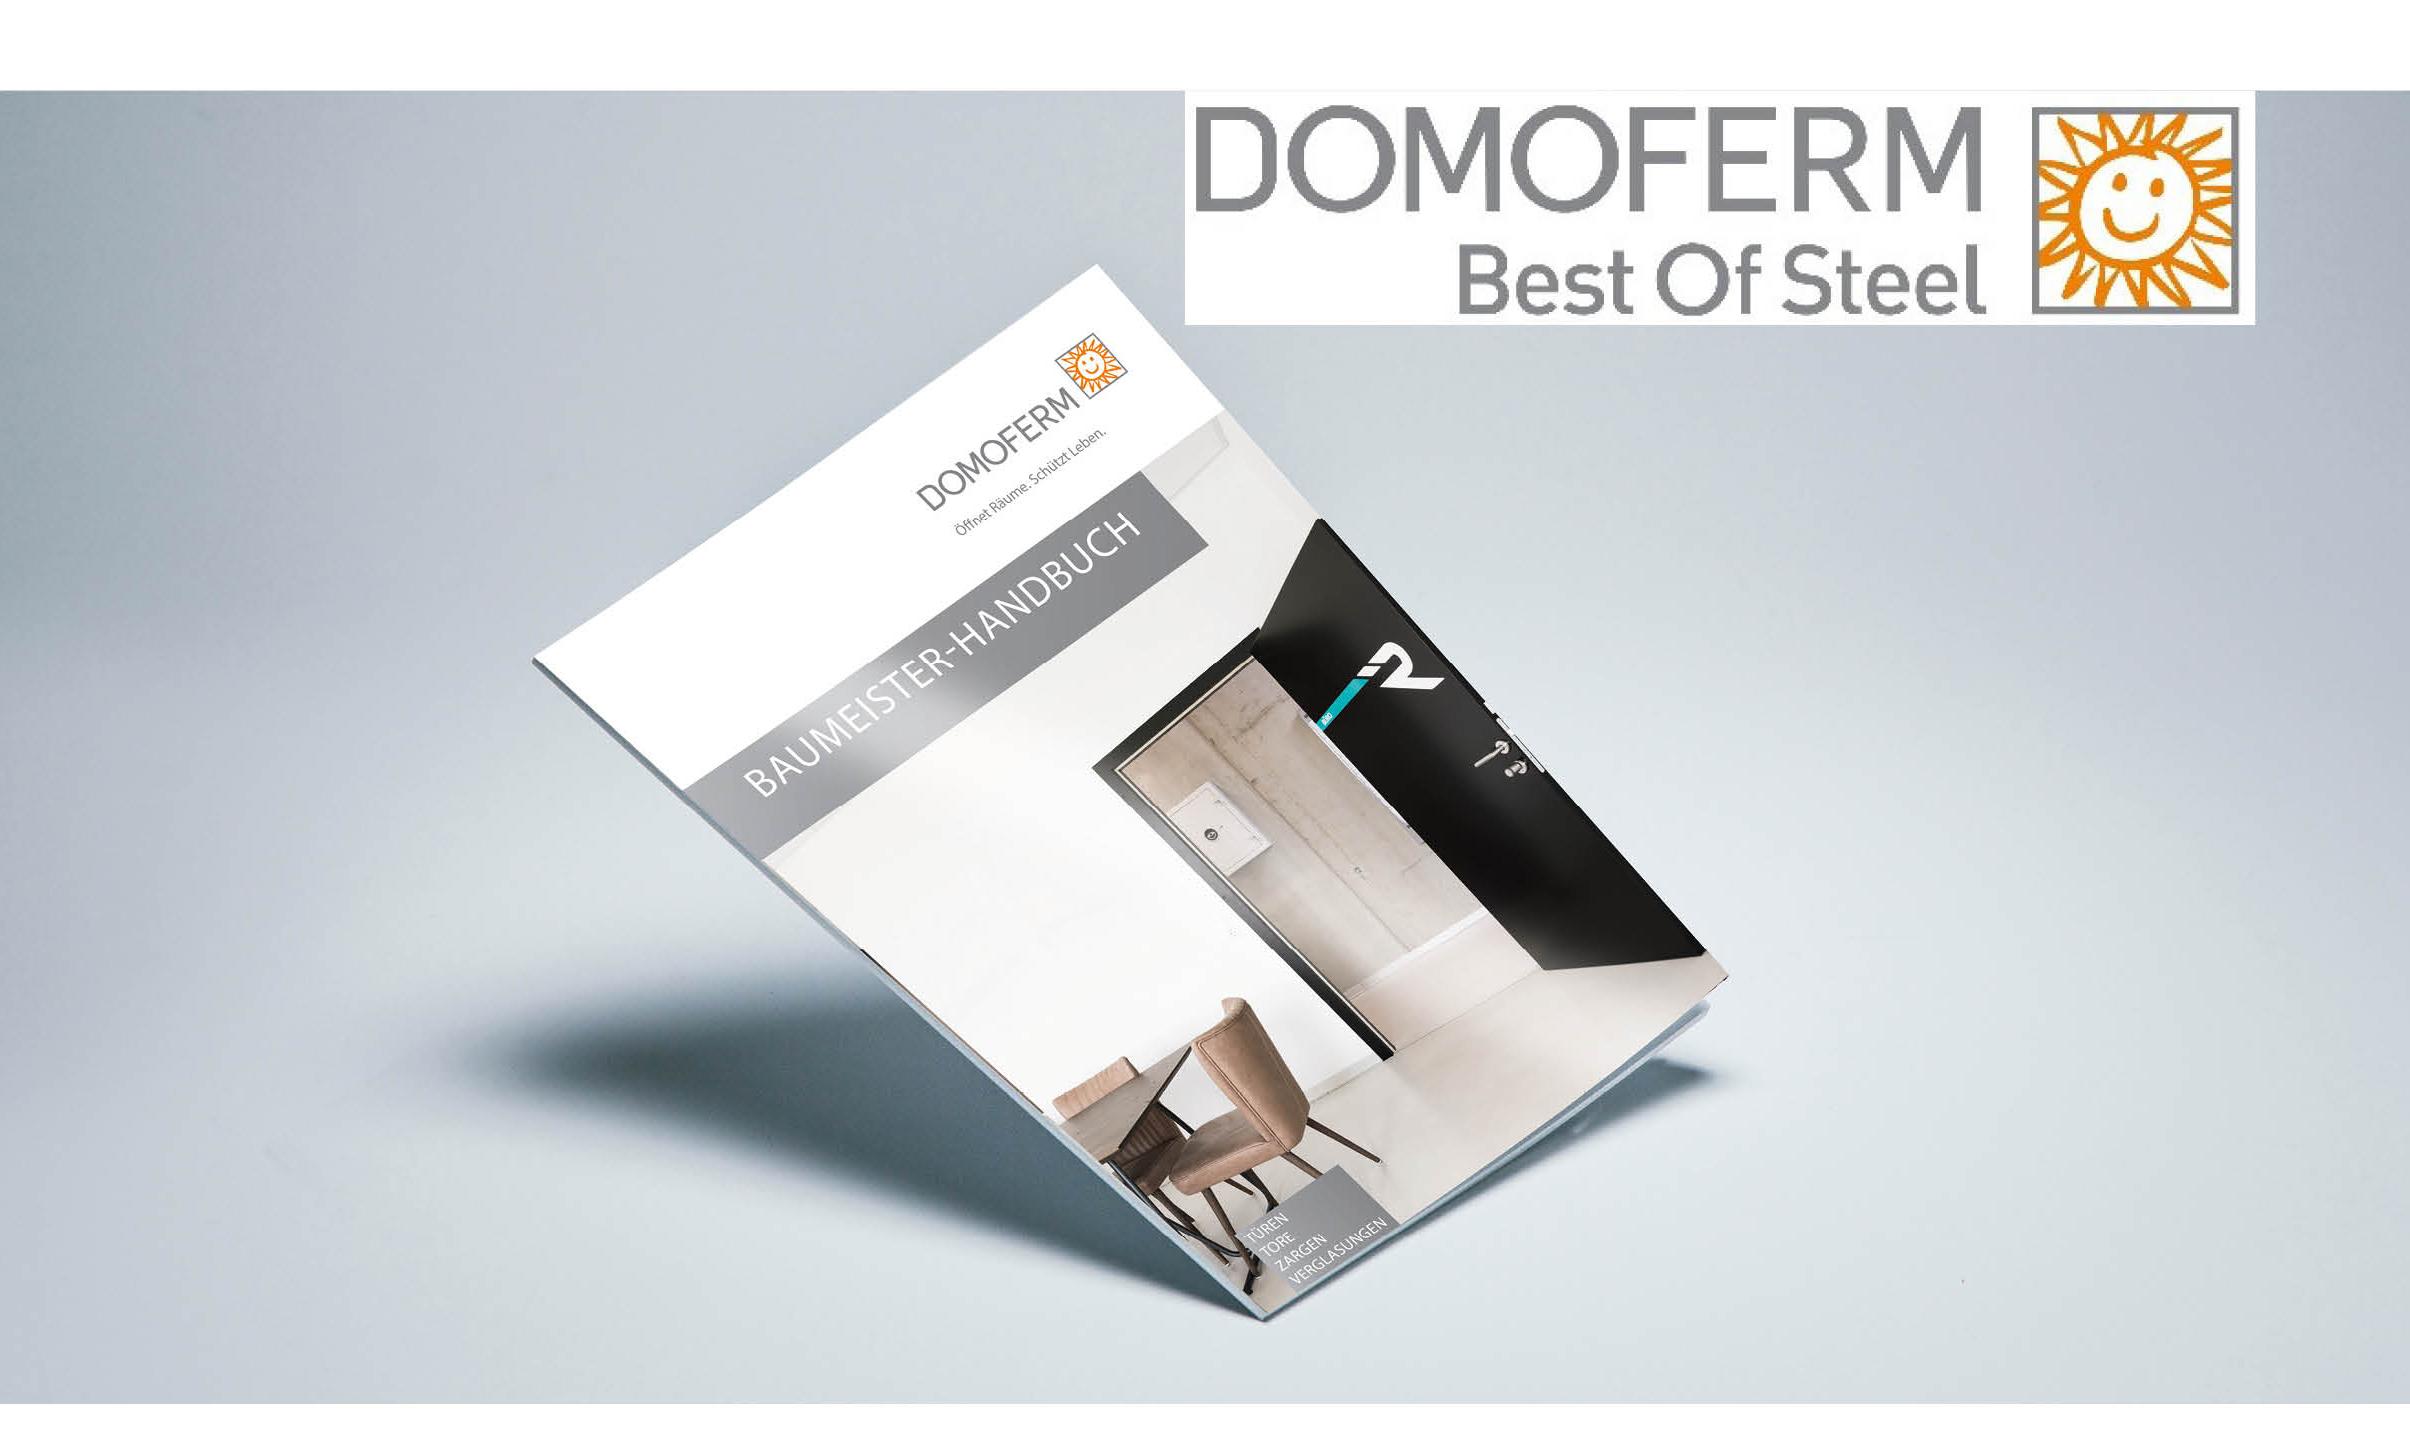 Jetzt Neu! Das DOMOFERM Baumeister-Handbuch ist eingetroffen